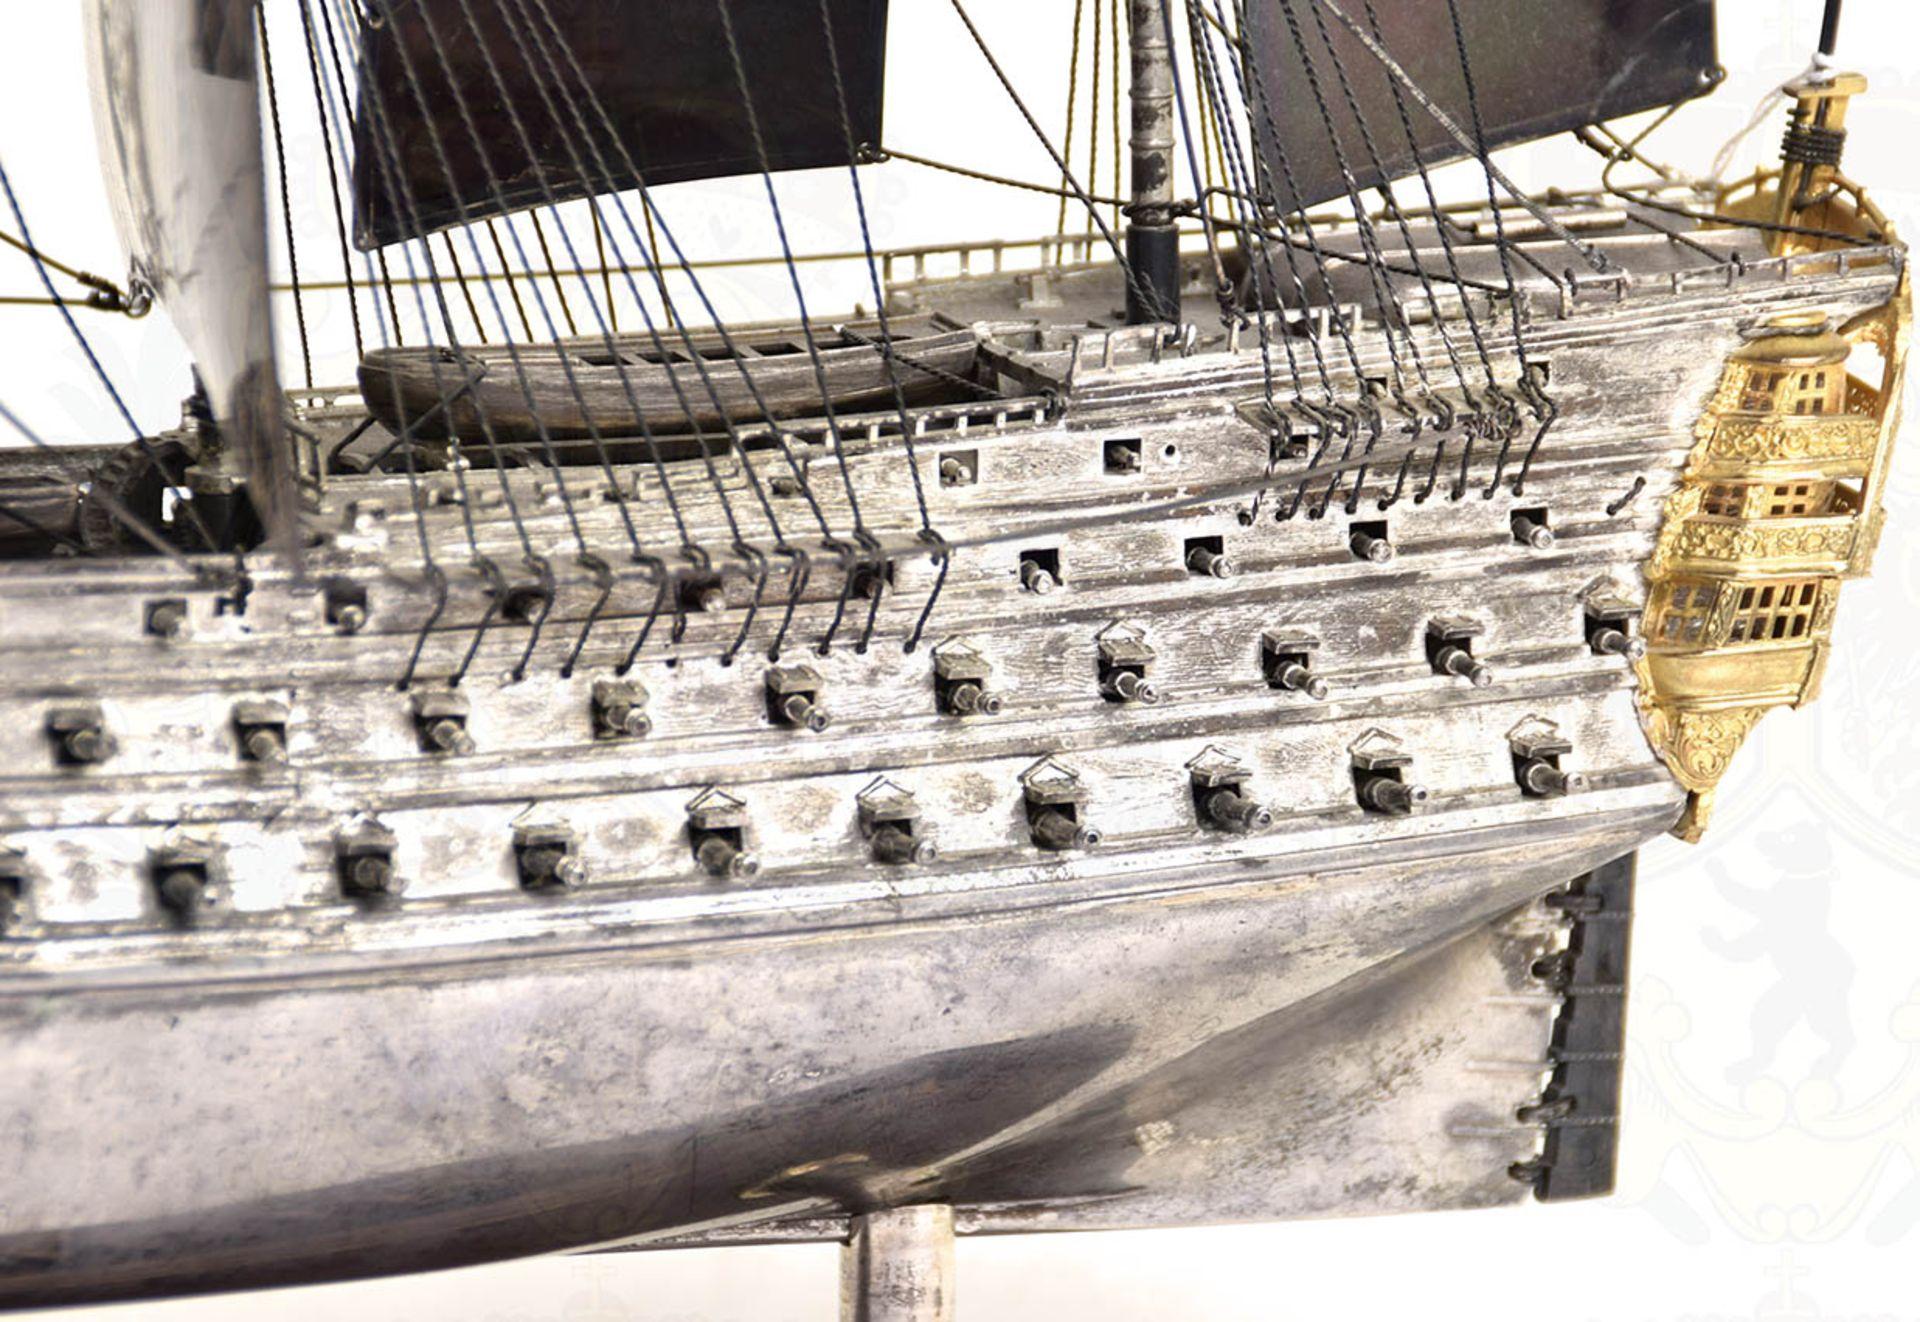 MODELL-LINIENSCHIFF, Dreidecker-Segellinienschiff der 2. Hälfte des 18. Jhd. mit 100 Kanonen, - Bild 3 aus 15